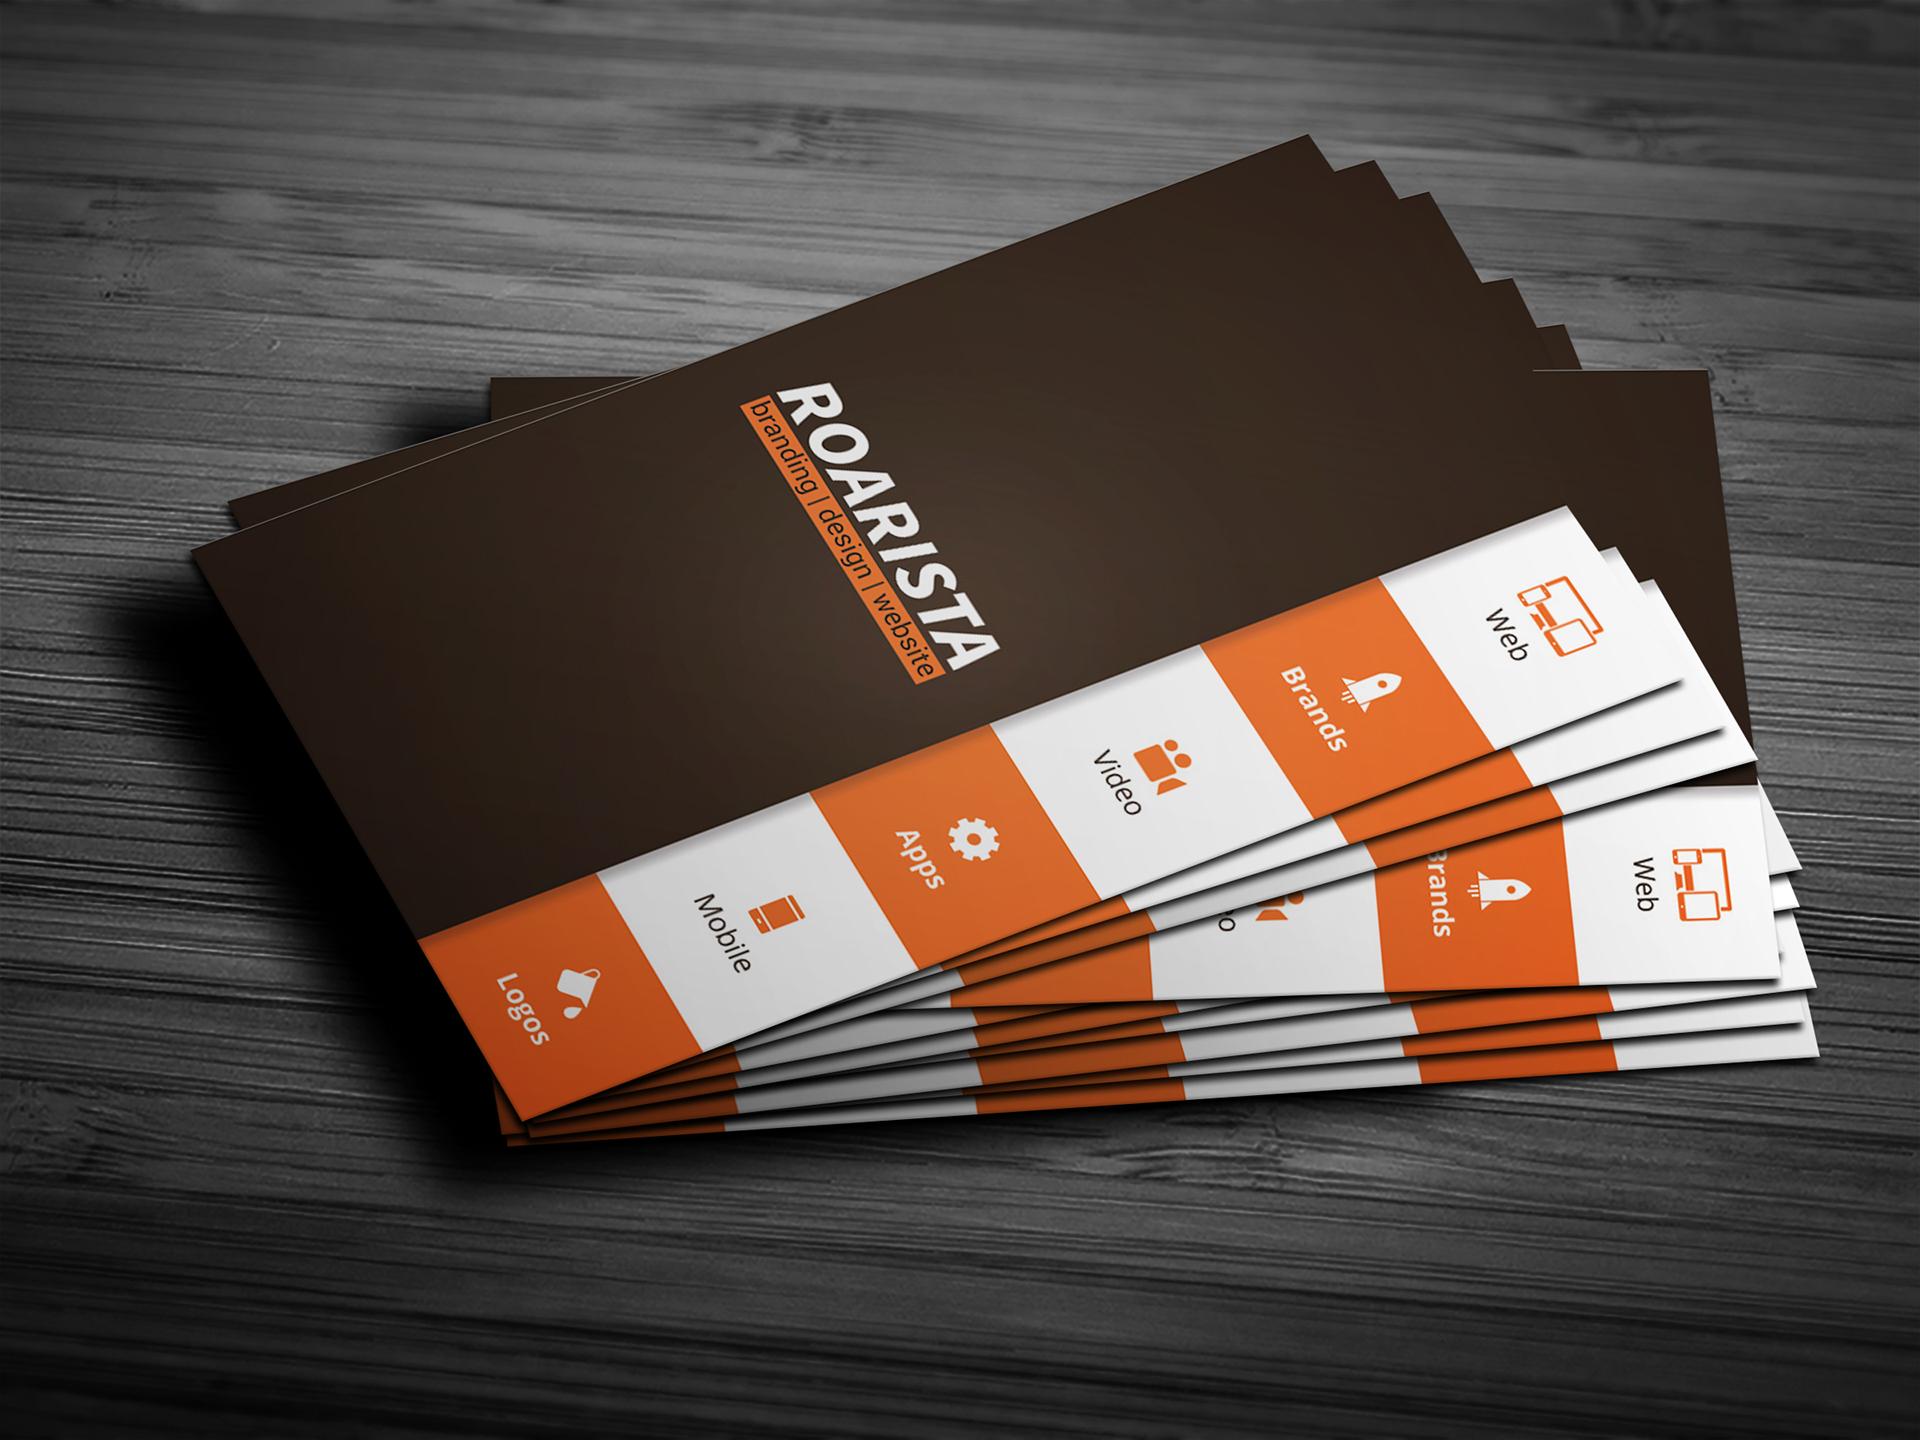 热门的7种商业名片模板PSD源文件下载(可免费商用)